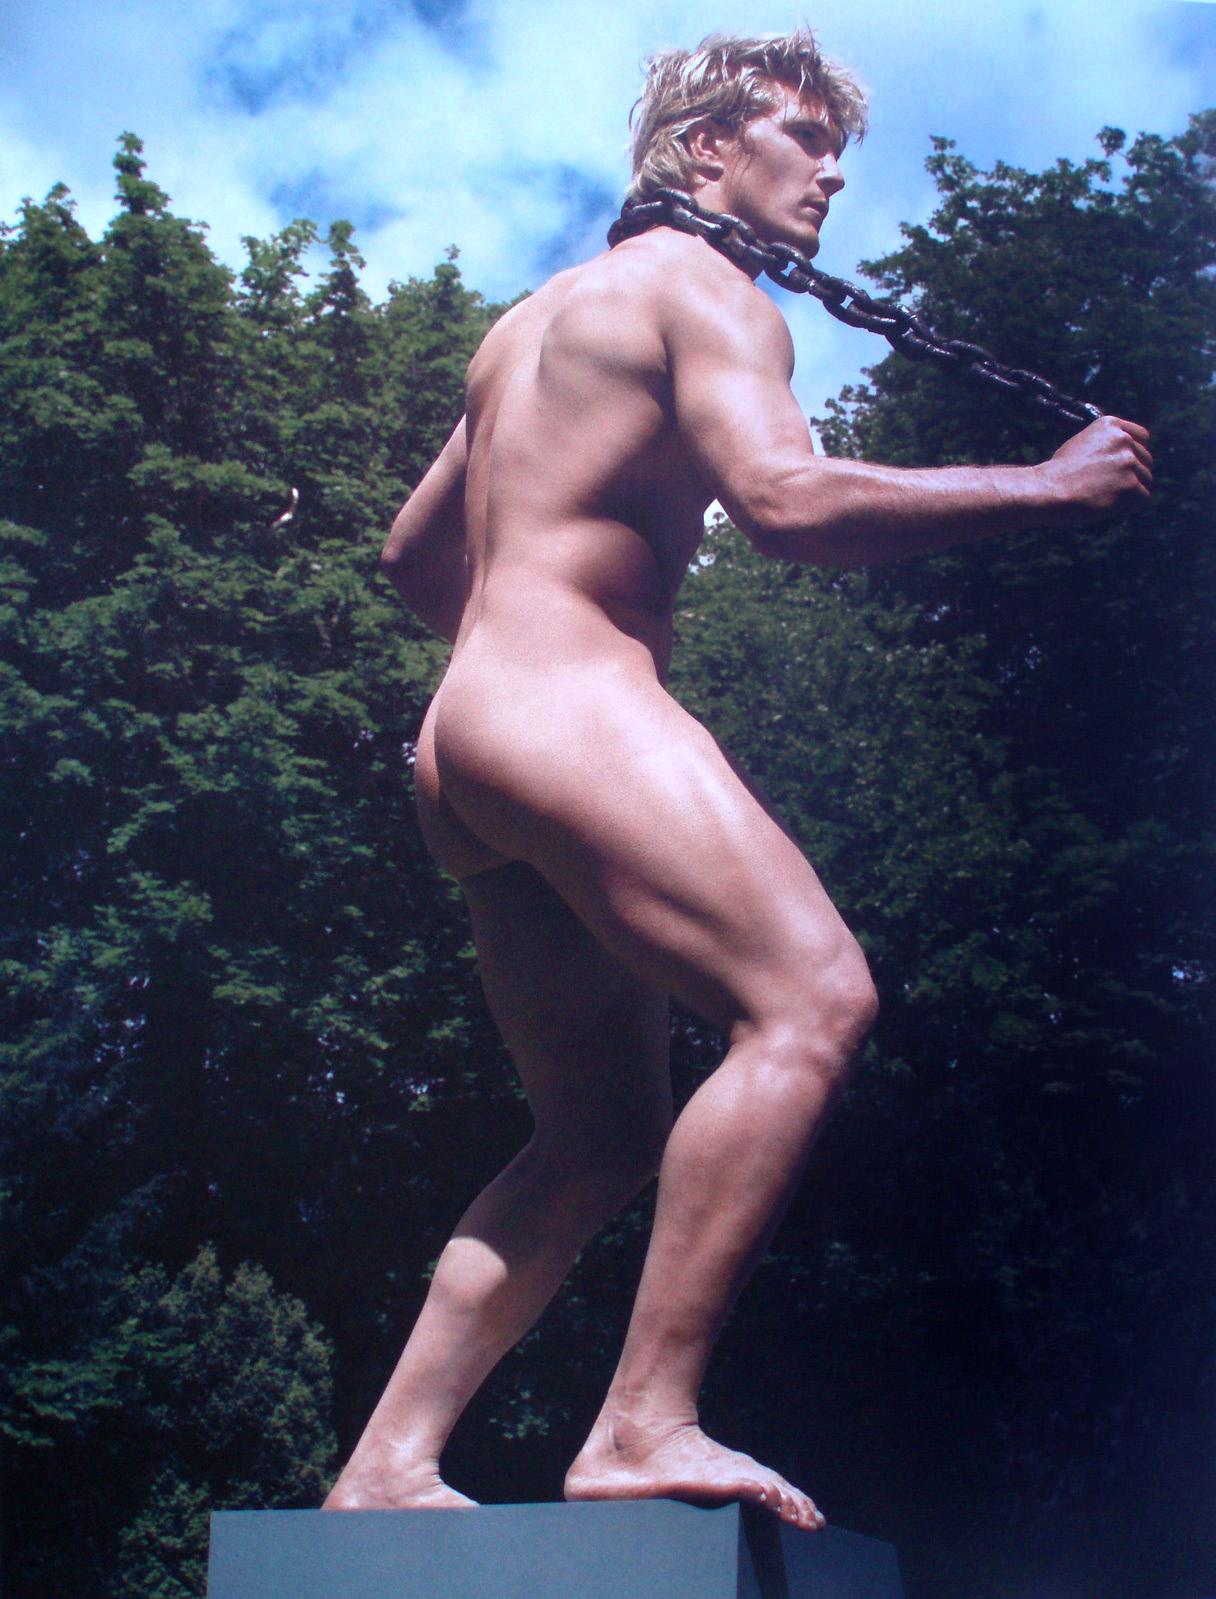 Самые красивые голые парни смотреть бесплатно 11 фотография